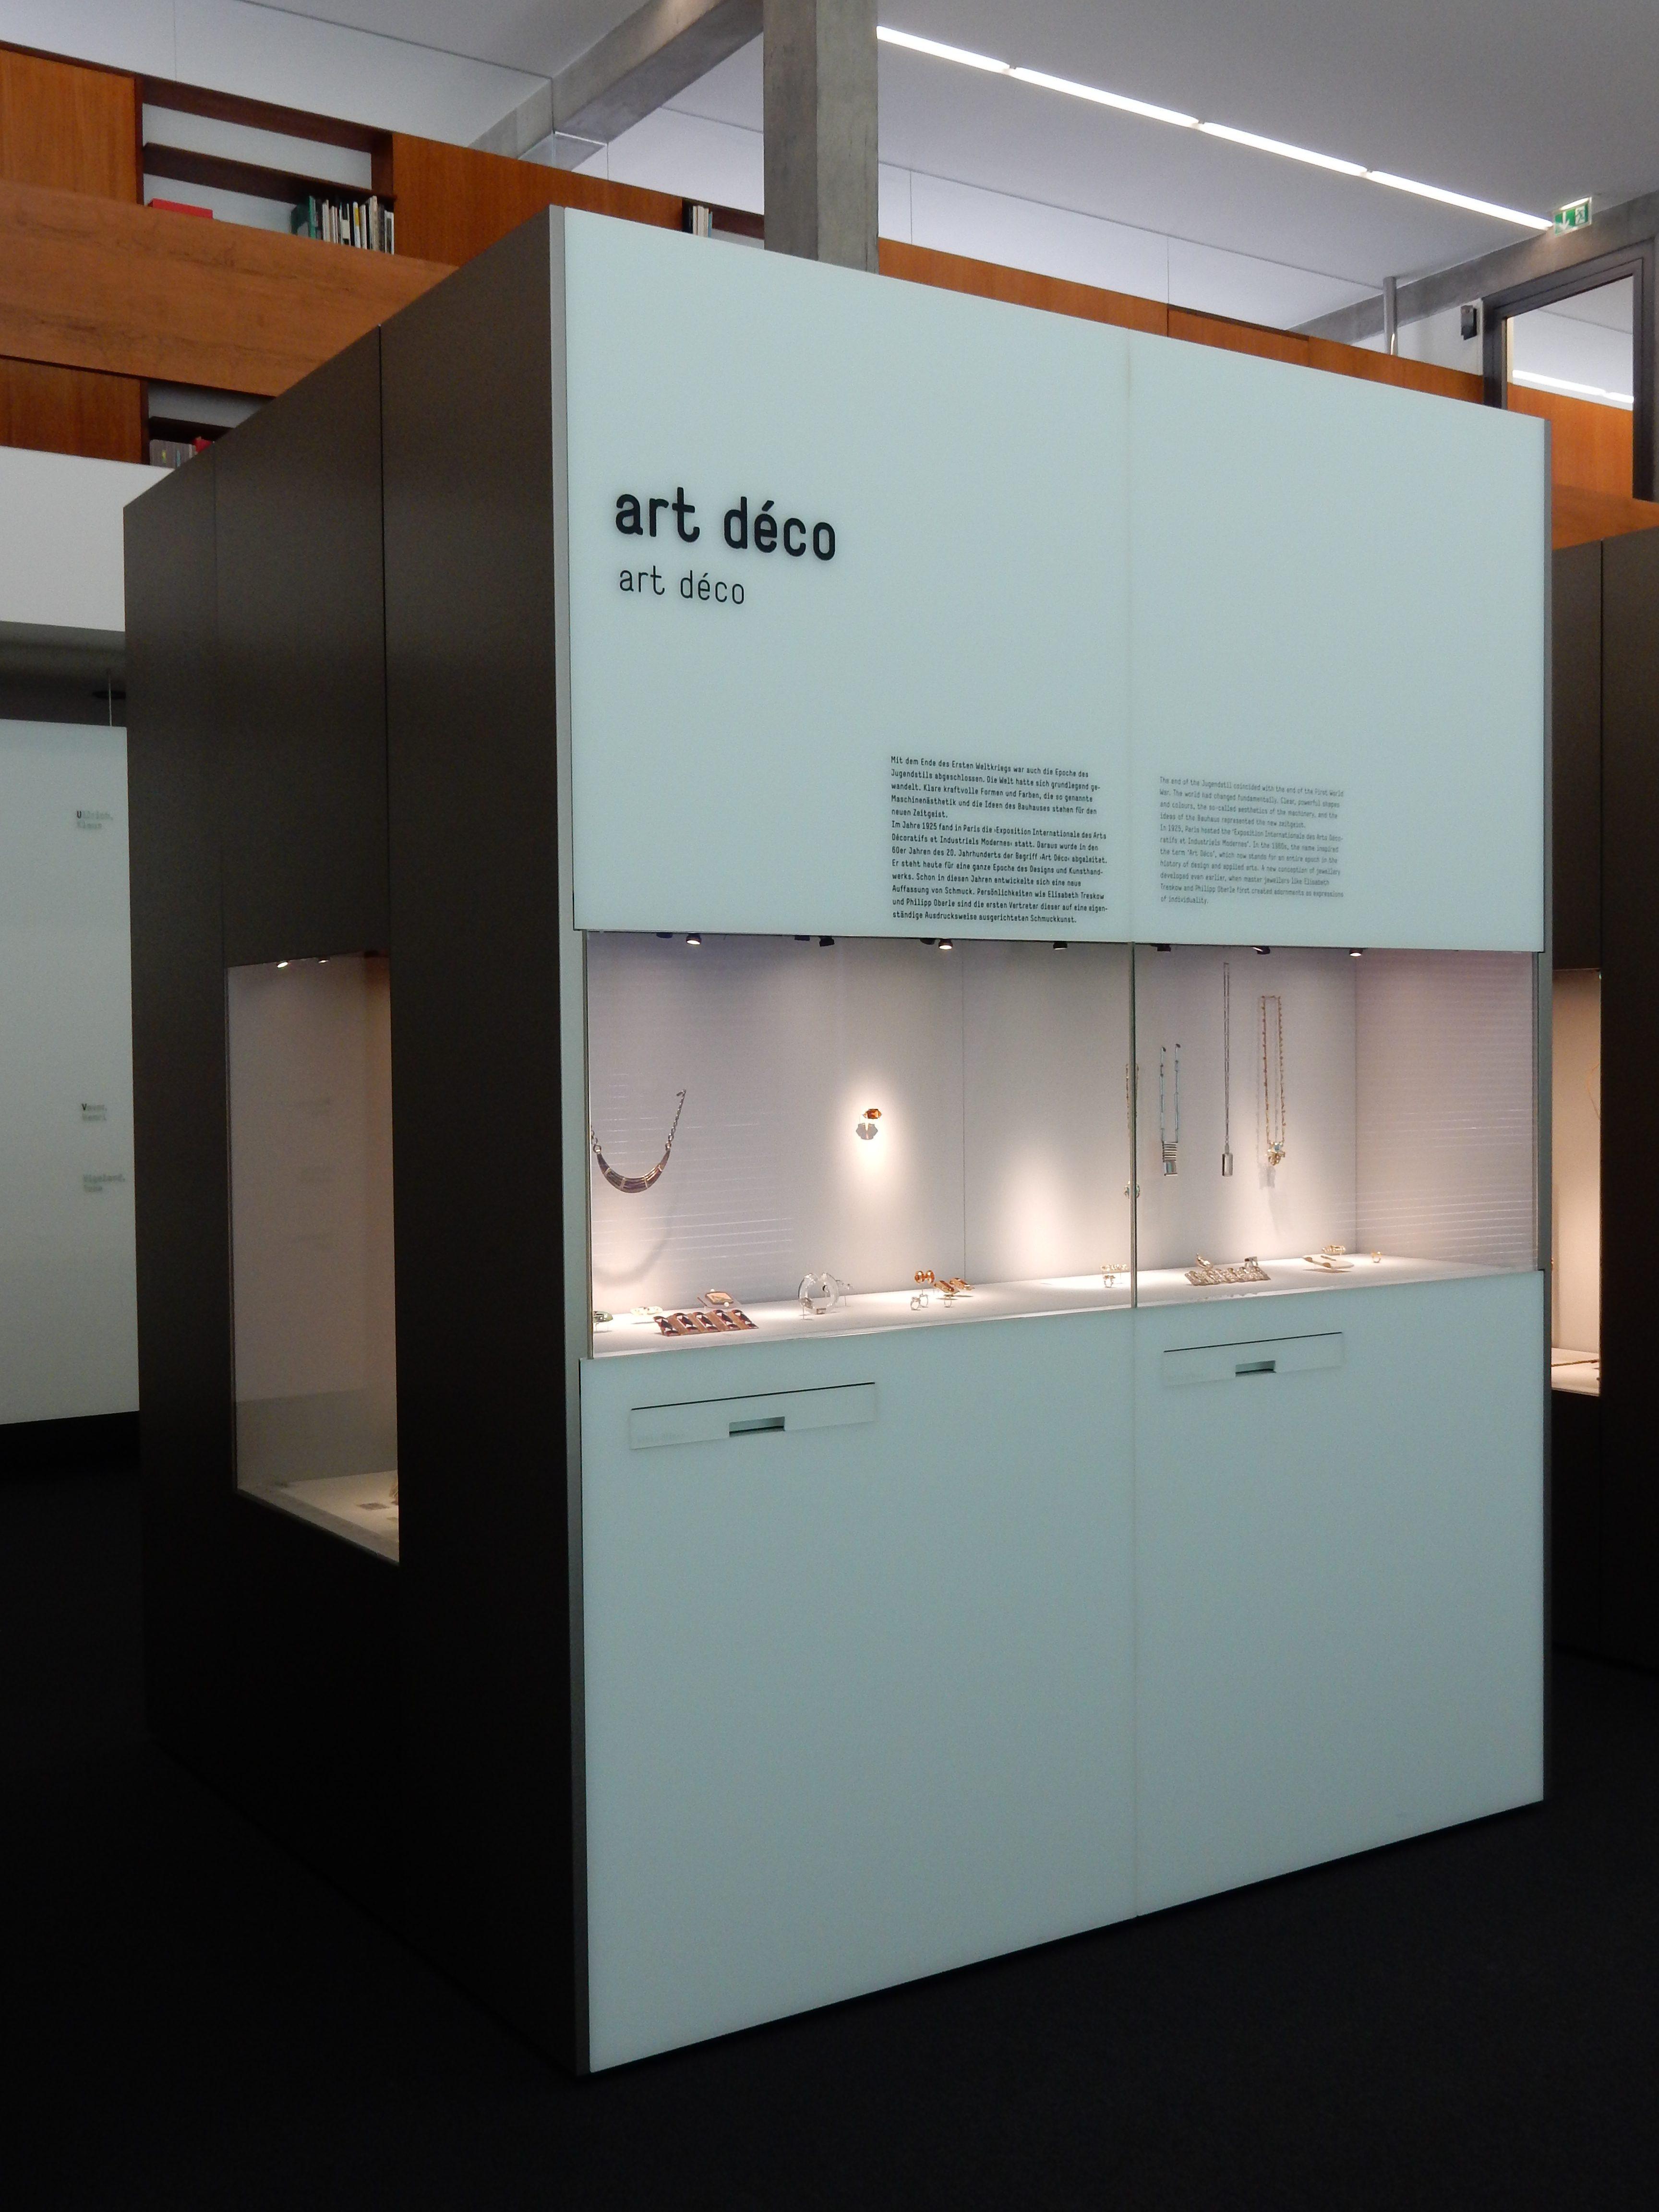 Schmuckmuseum Pforzheim, vitrine Art Déco, 11 mei 2019. Foto Coert Peter Krabbe, interieur